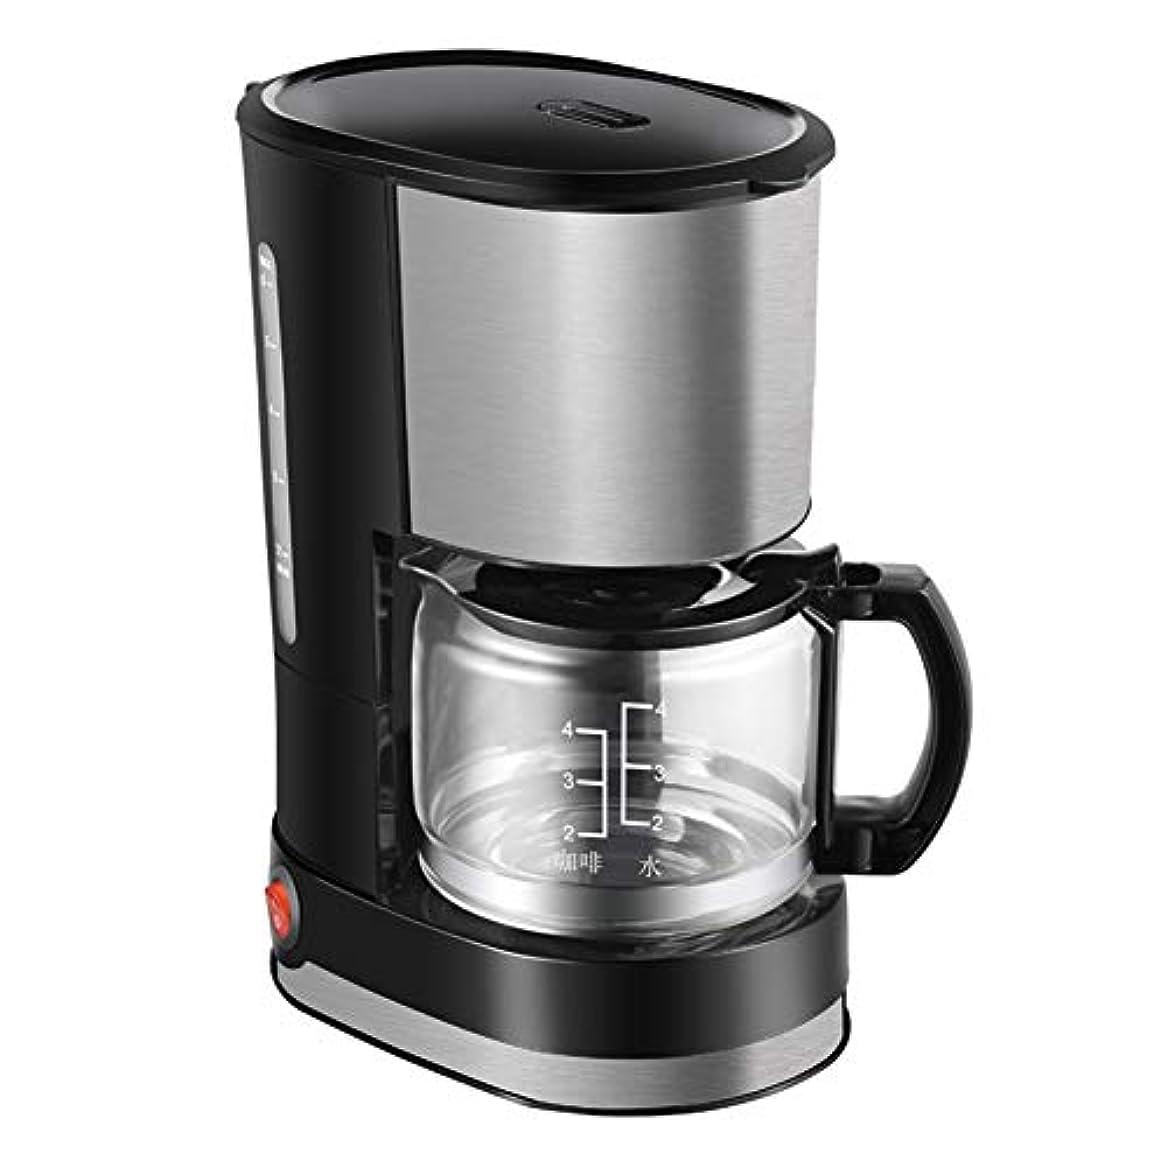 戦闘収入ブレーキコーヒーグラインダー モカ ヘブリーコーヒーメーカーフィルター、自動ドリップガラスコーヒーポットステンレス鋼家庭用絶縁アメリカのコーヒーマシン